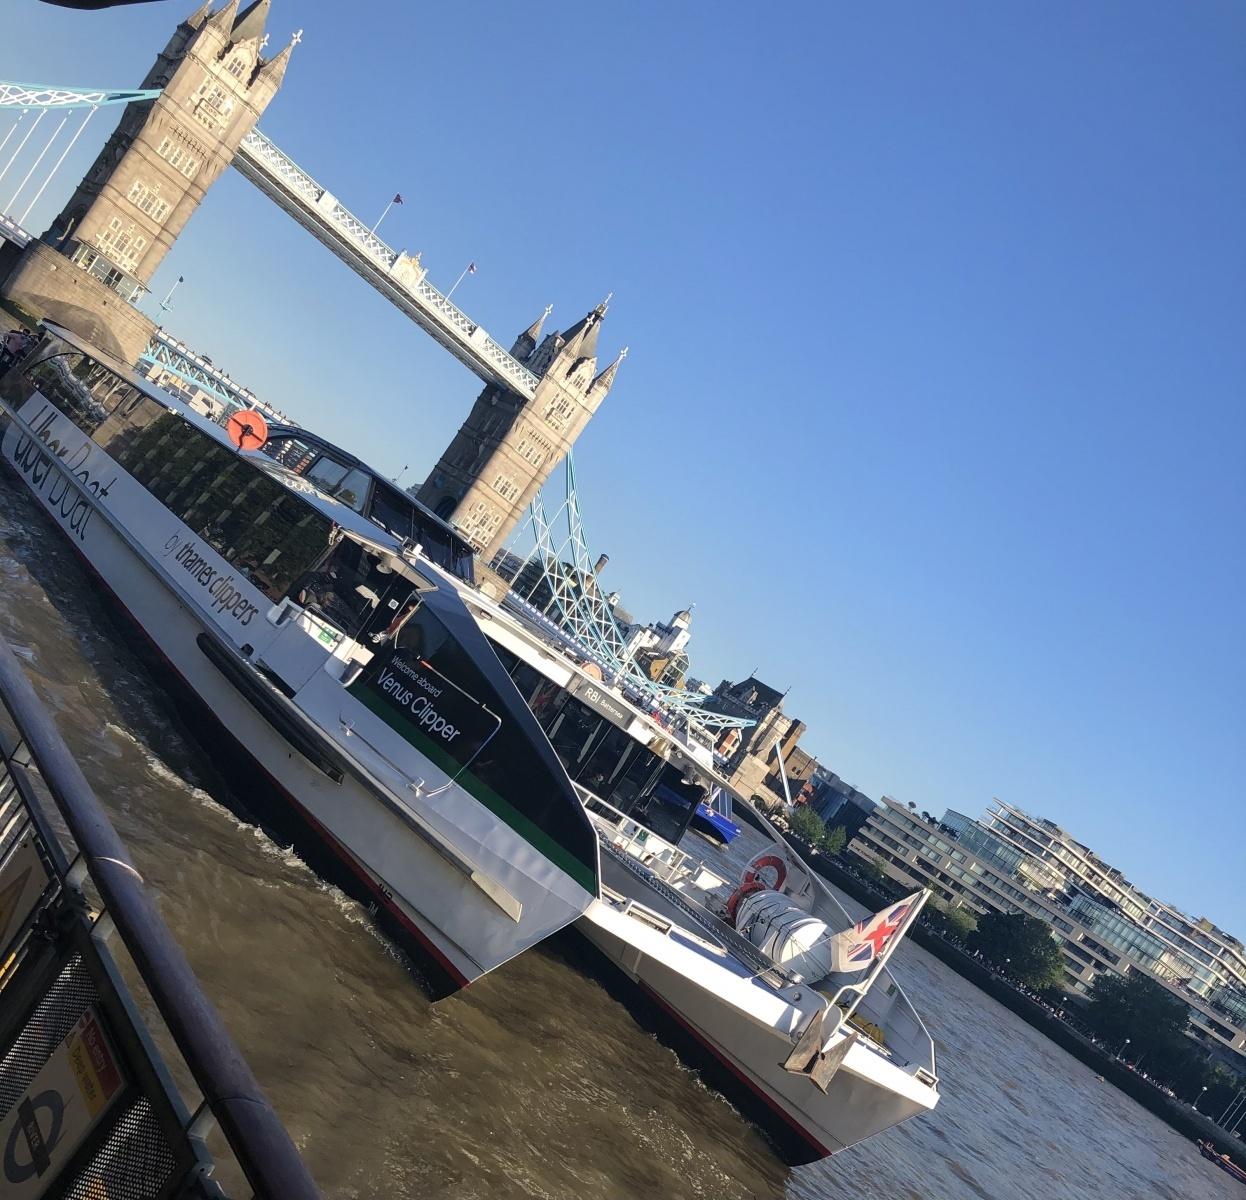 Tower-Bridge-Uber-Boat